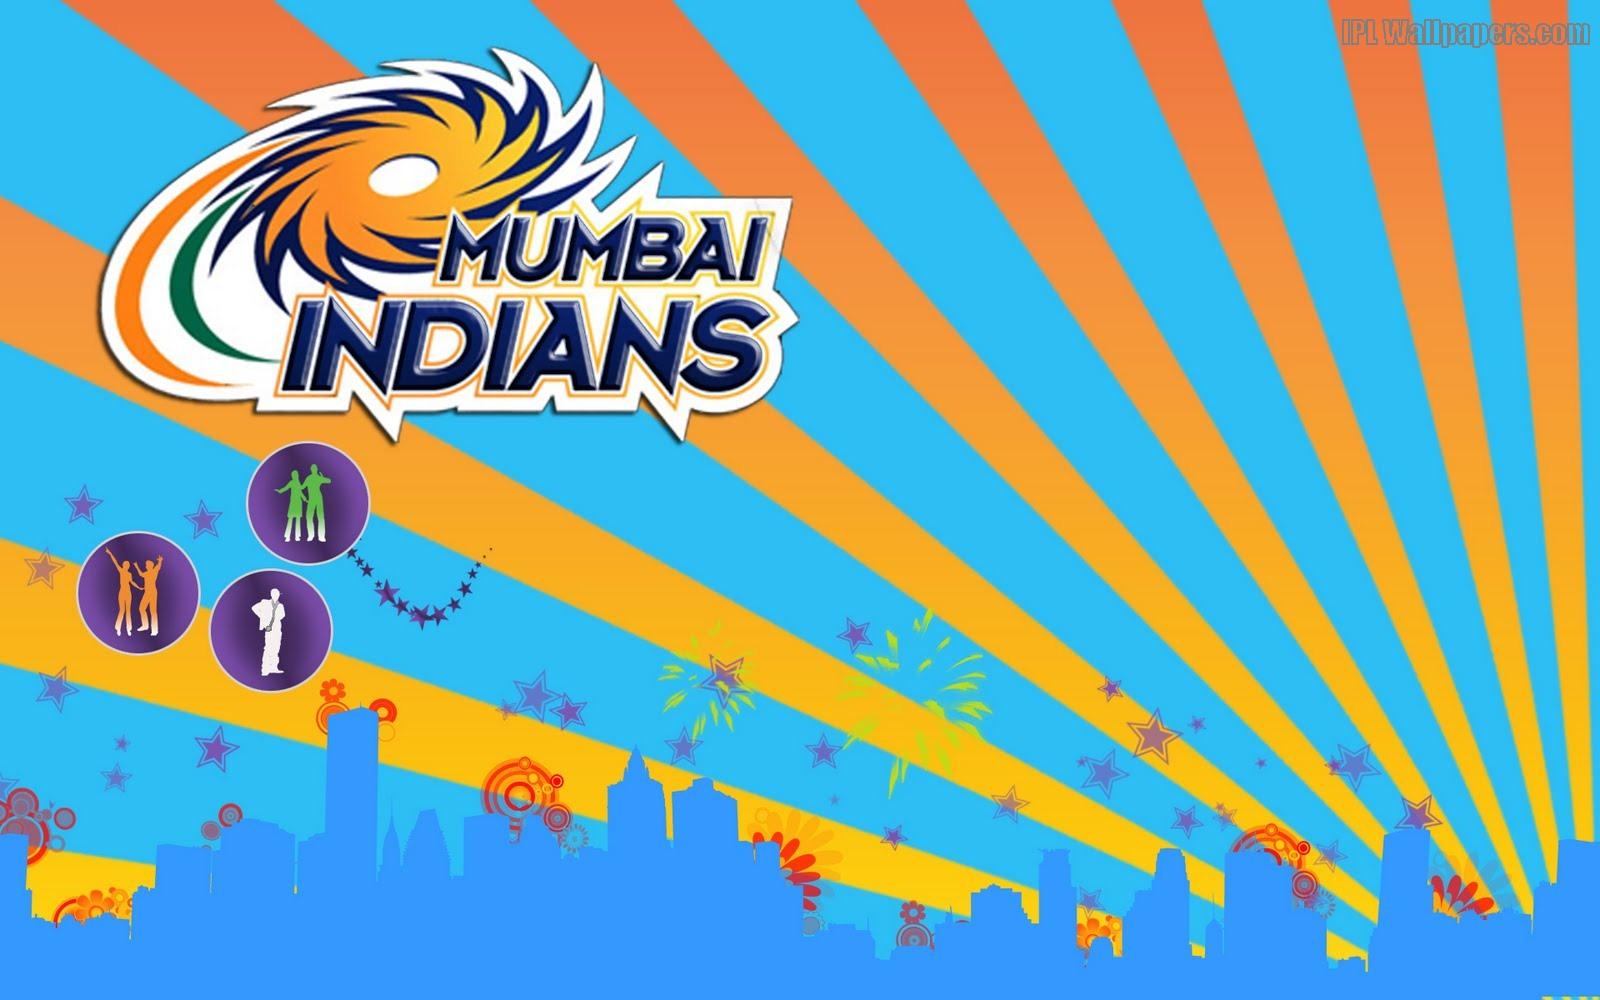 http://2.bp.blogspot.com/-_DQAwGimkBY/UEovt7YqtFI/AAAAAAAAAJk/_88D72u7zno/s1600/Mumbai+Indians+3d+Wallpaper.jpg